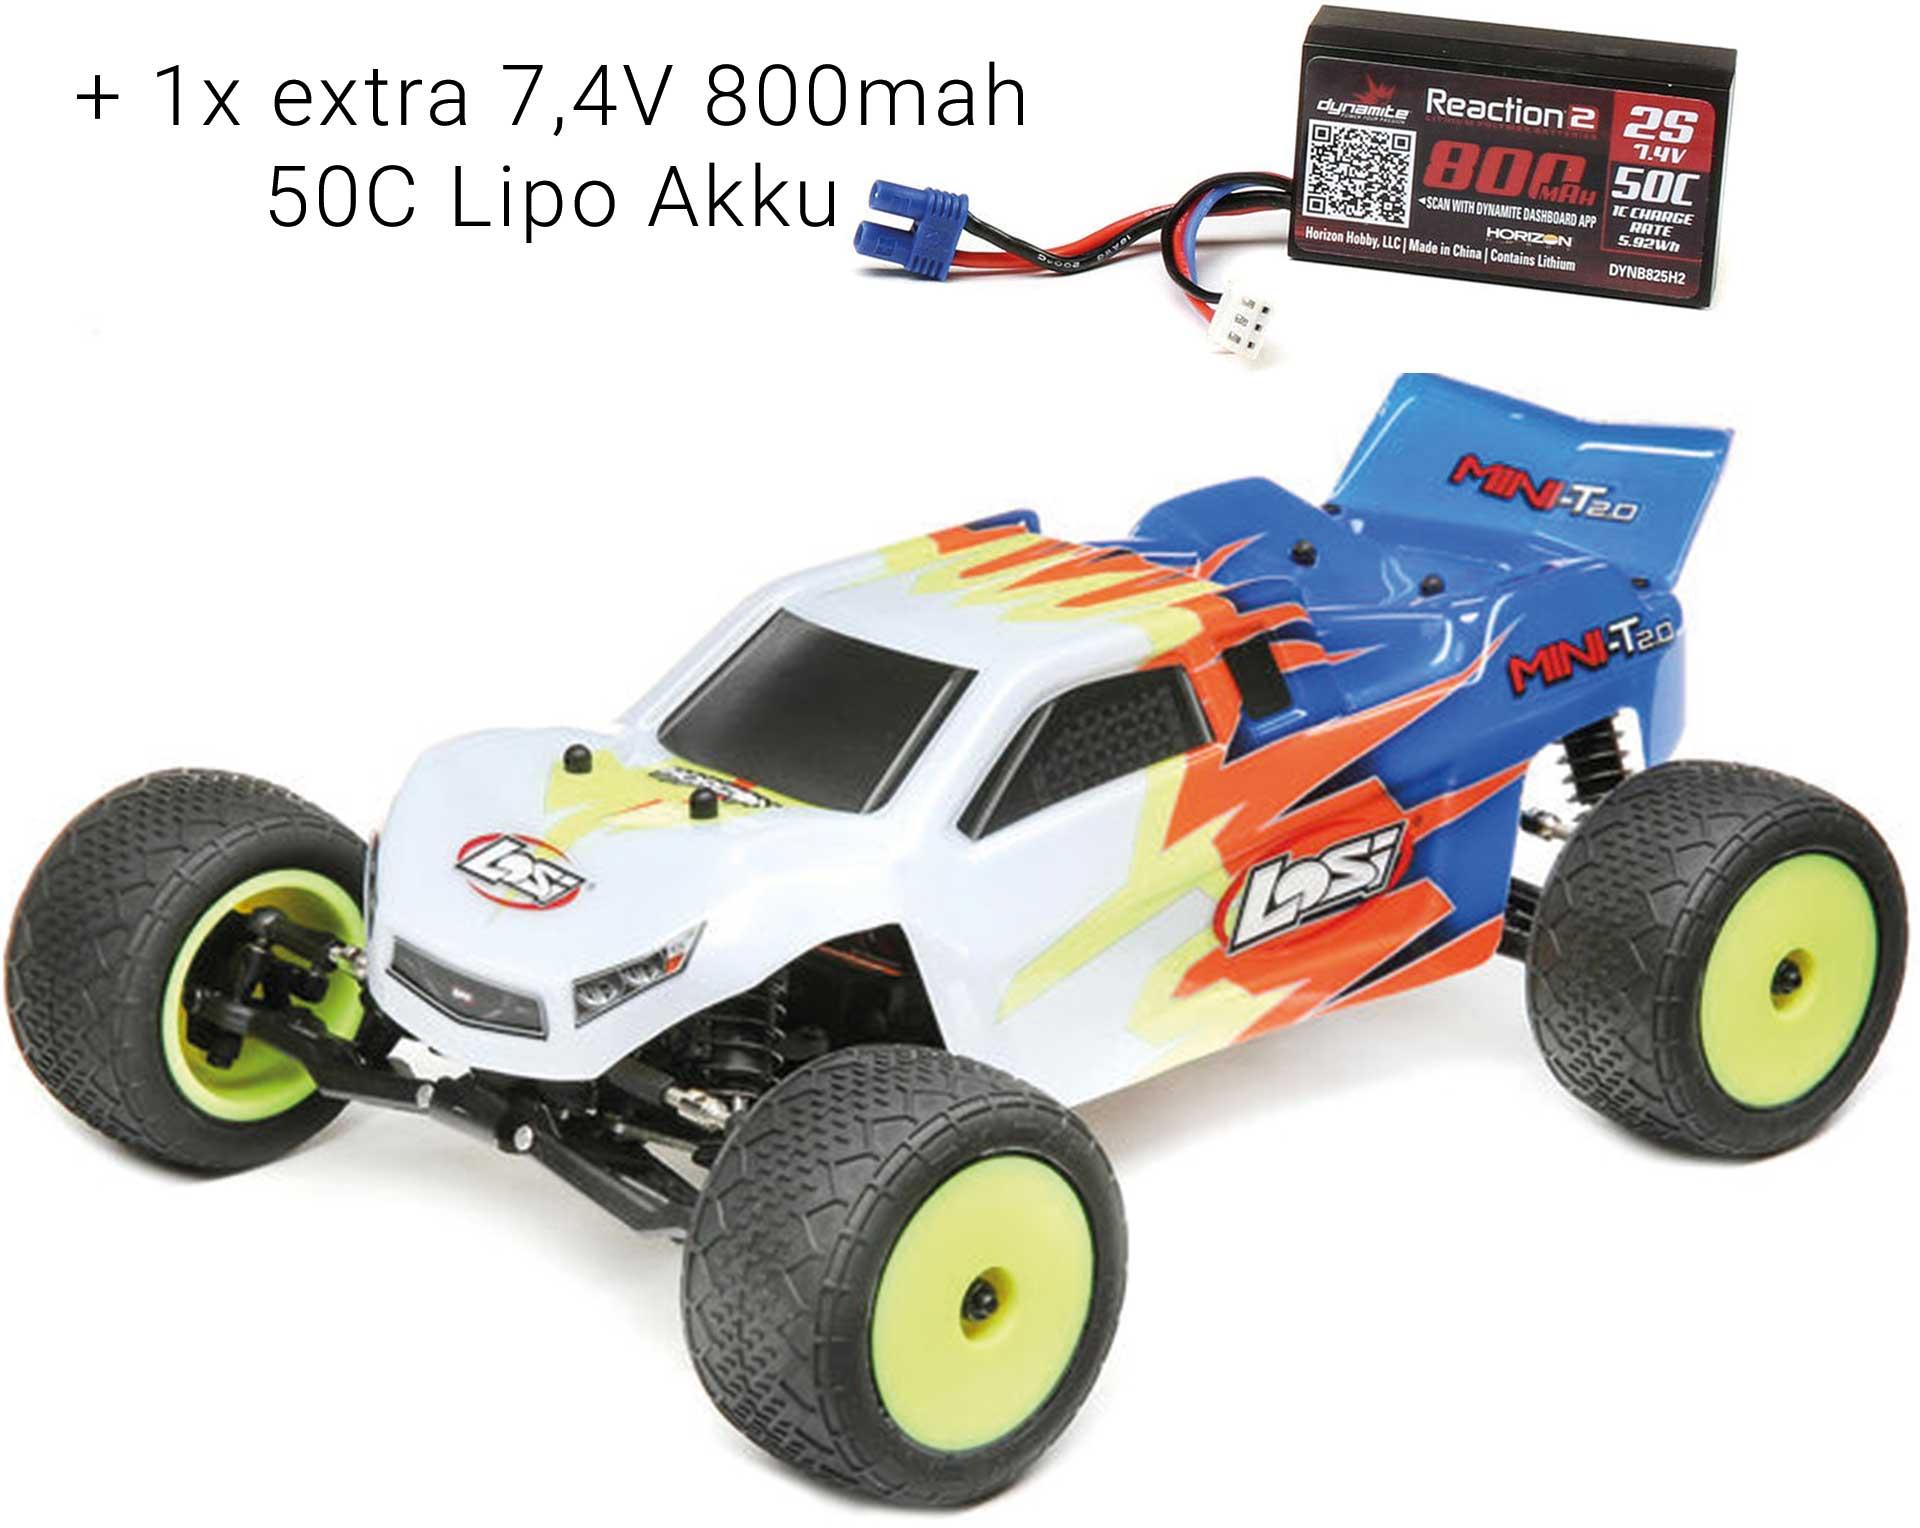 LOSI Mini-T 2.0 1/18 2WD RTR Brushed Blau/Weiß + 1x extra 7,4V 800mah 50C Lipo Akku *SVR*